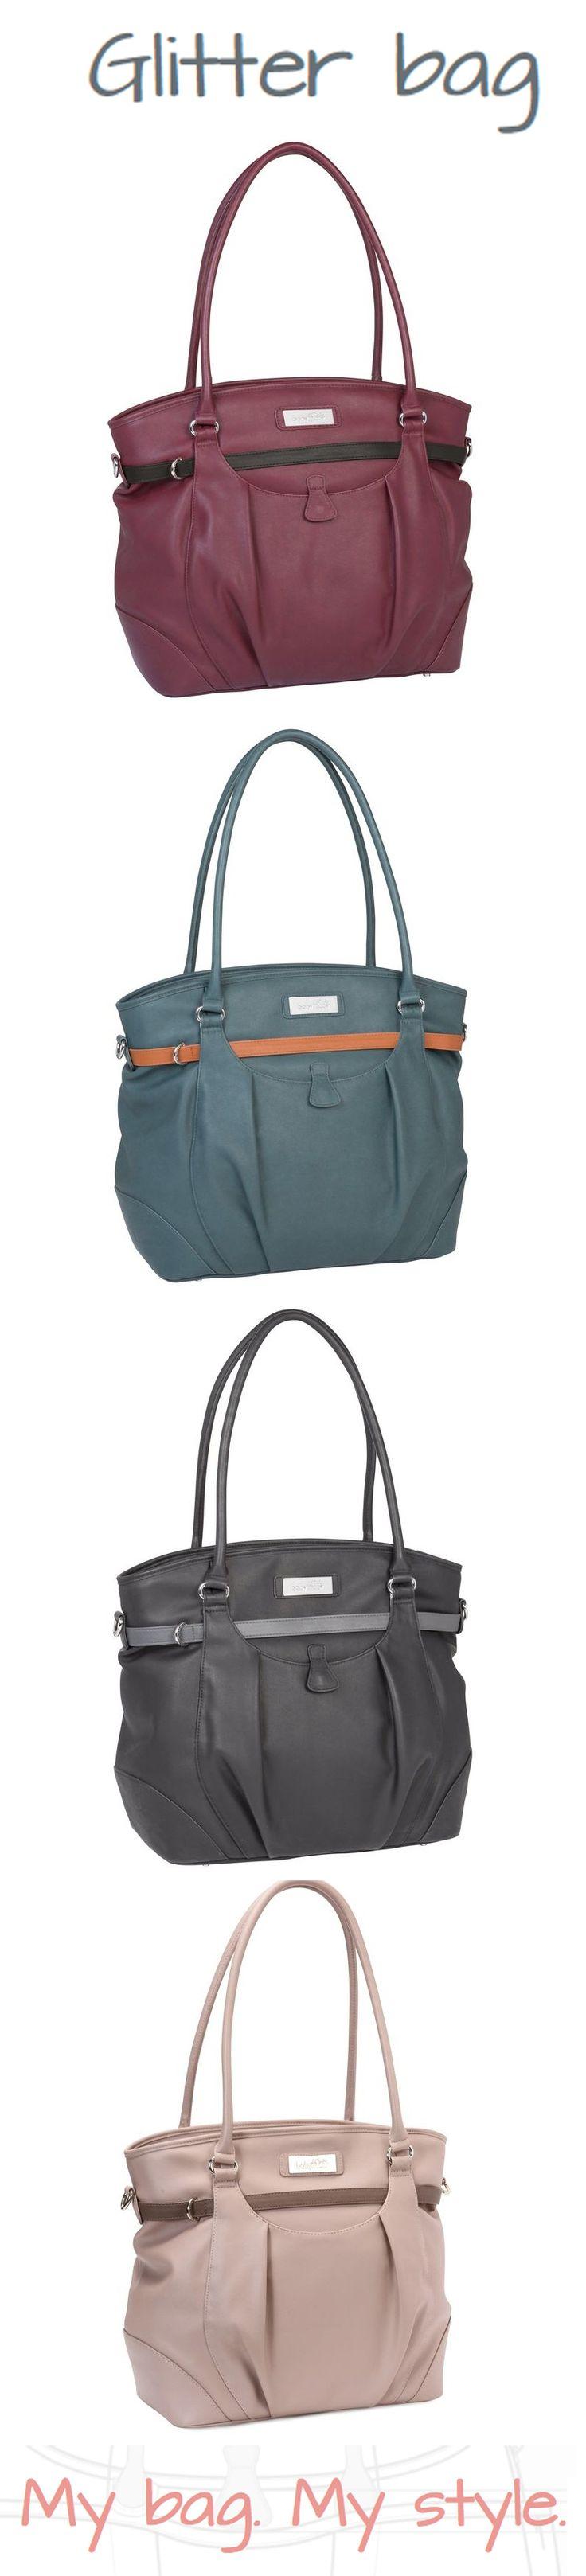 Glitter Bag #fashionmum #chic #glamour #itbag #ChangingBag #Babymoov #MyBagMyStyle